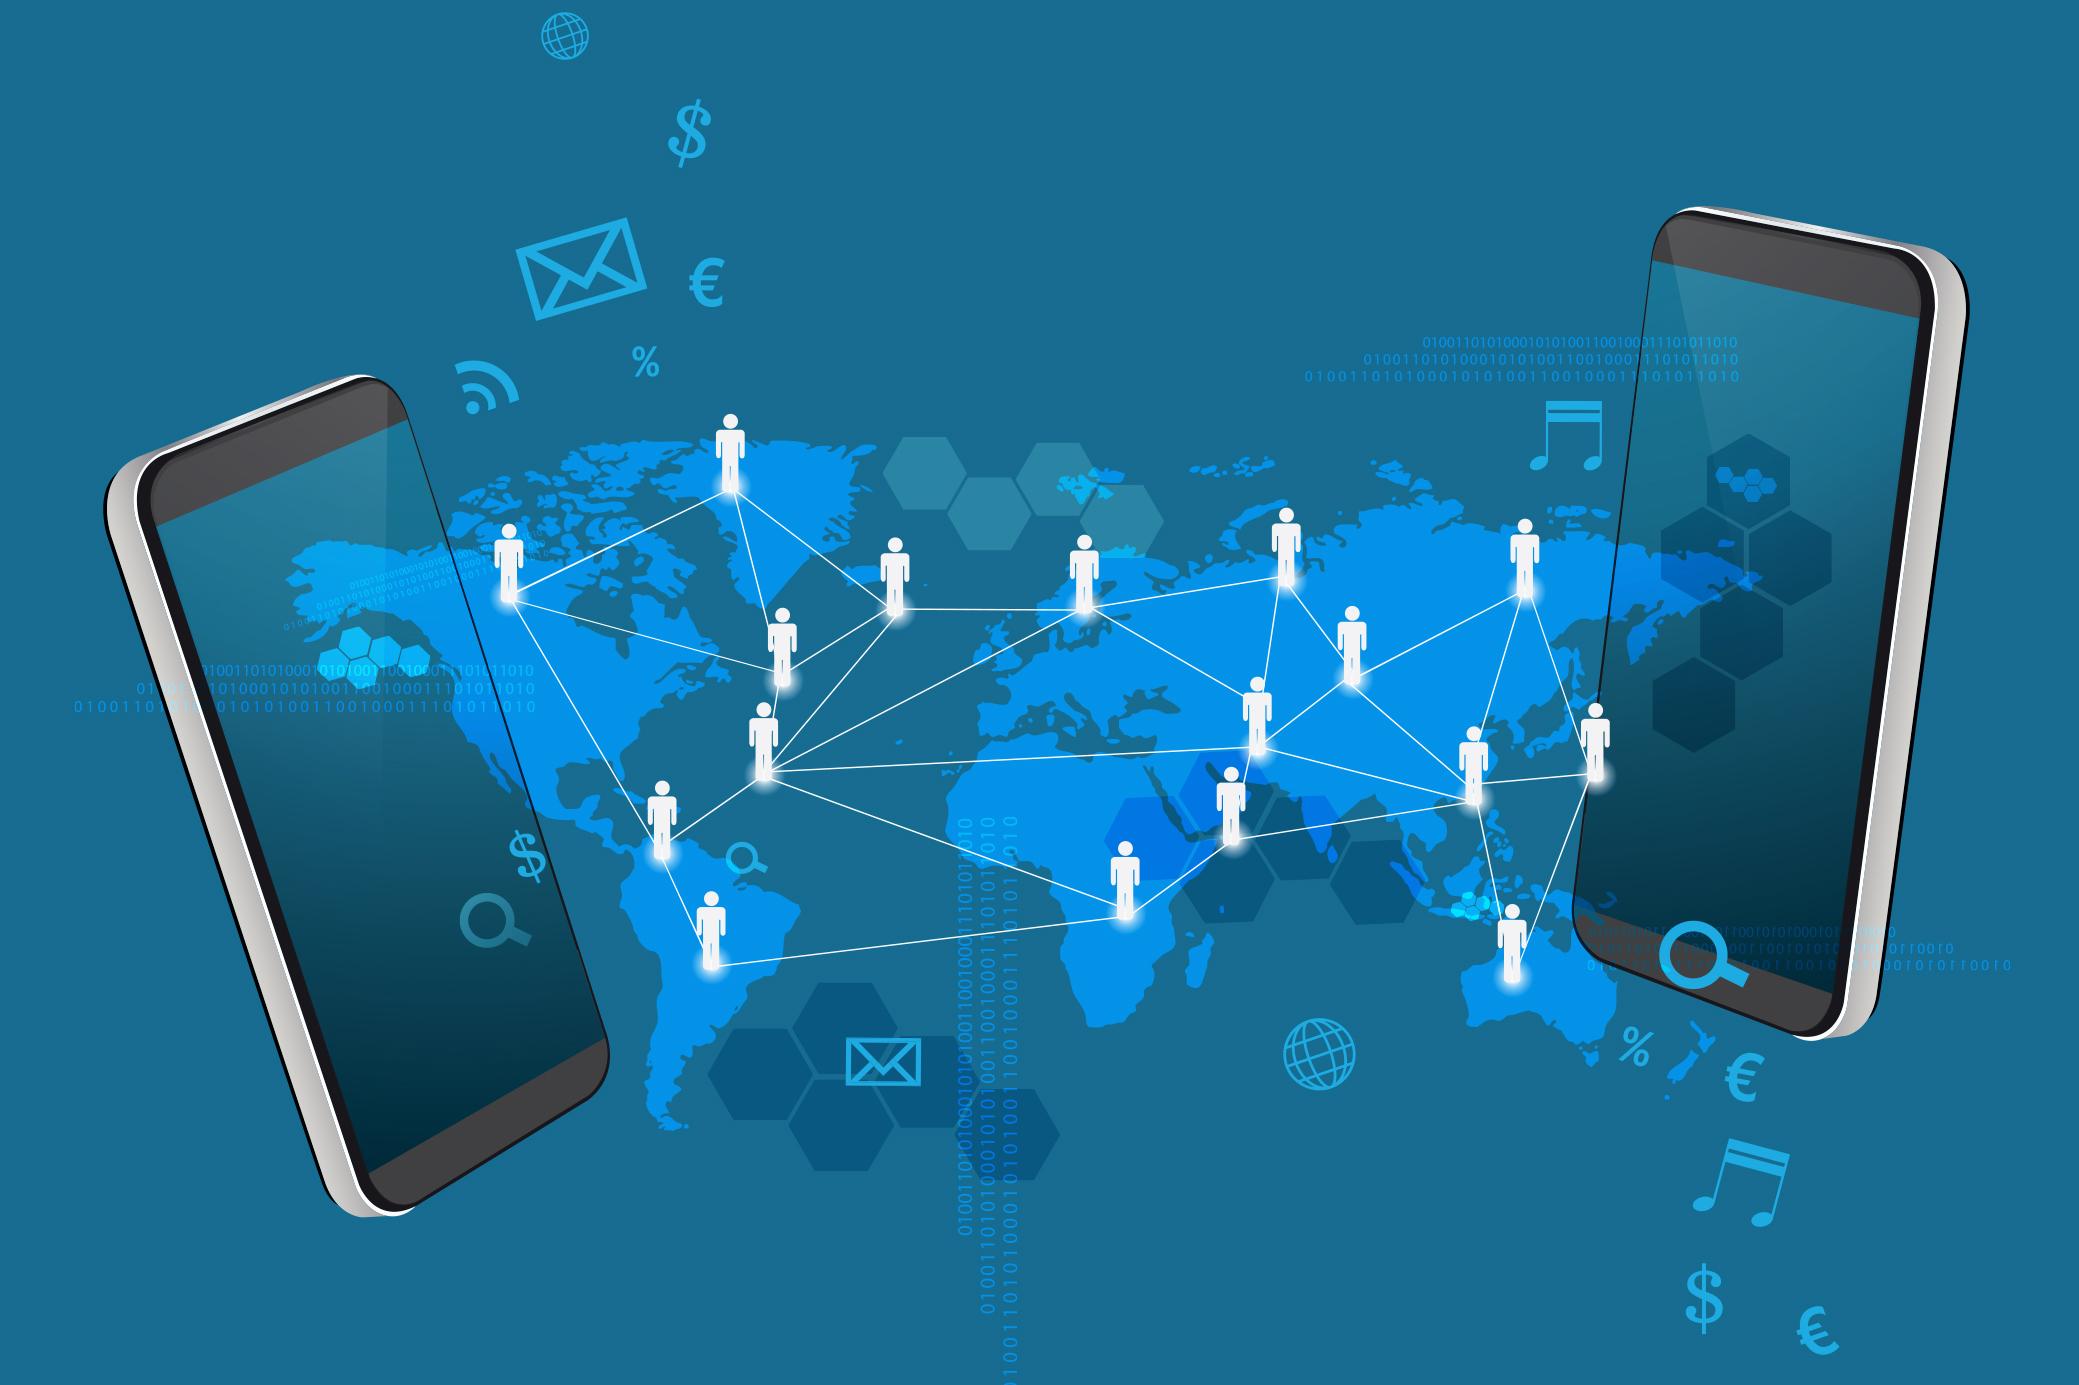 Transfer of international calls